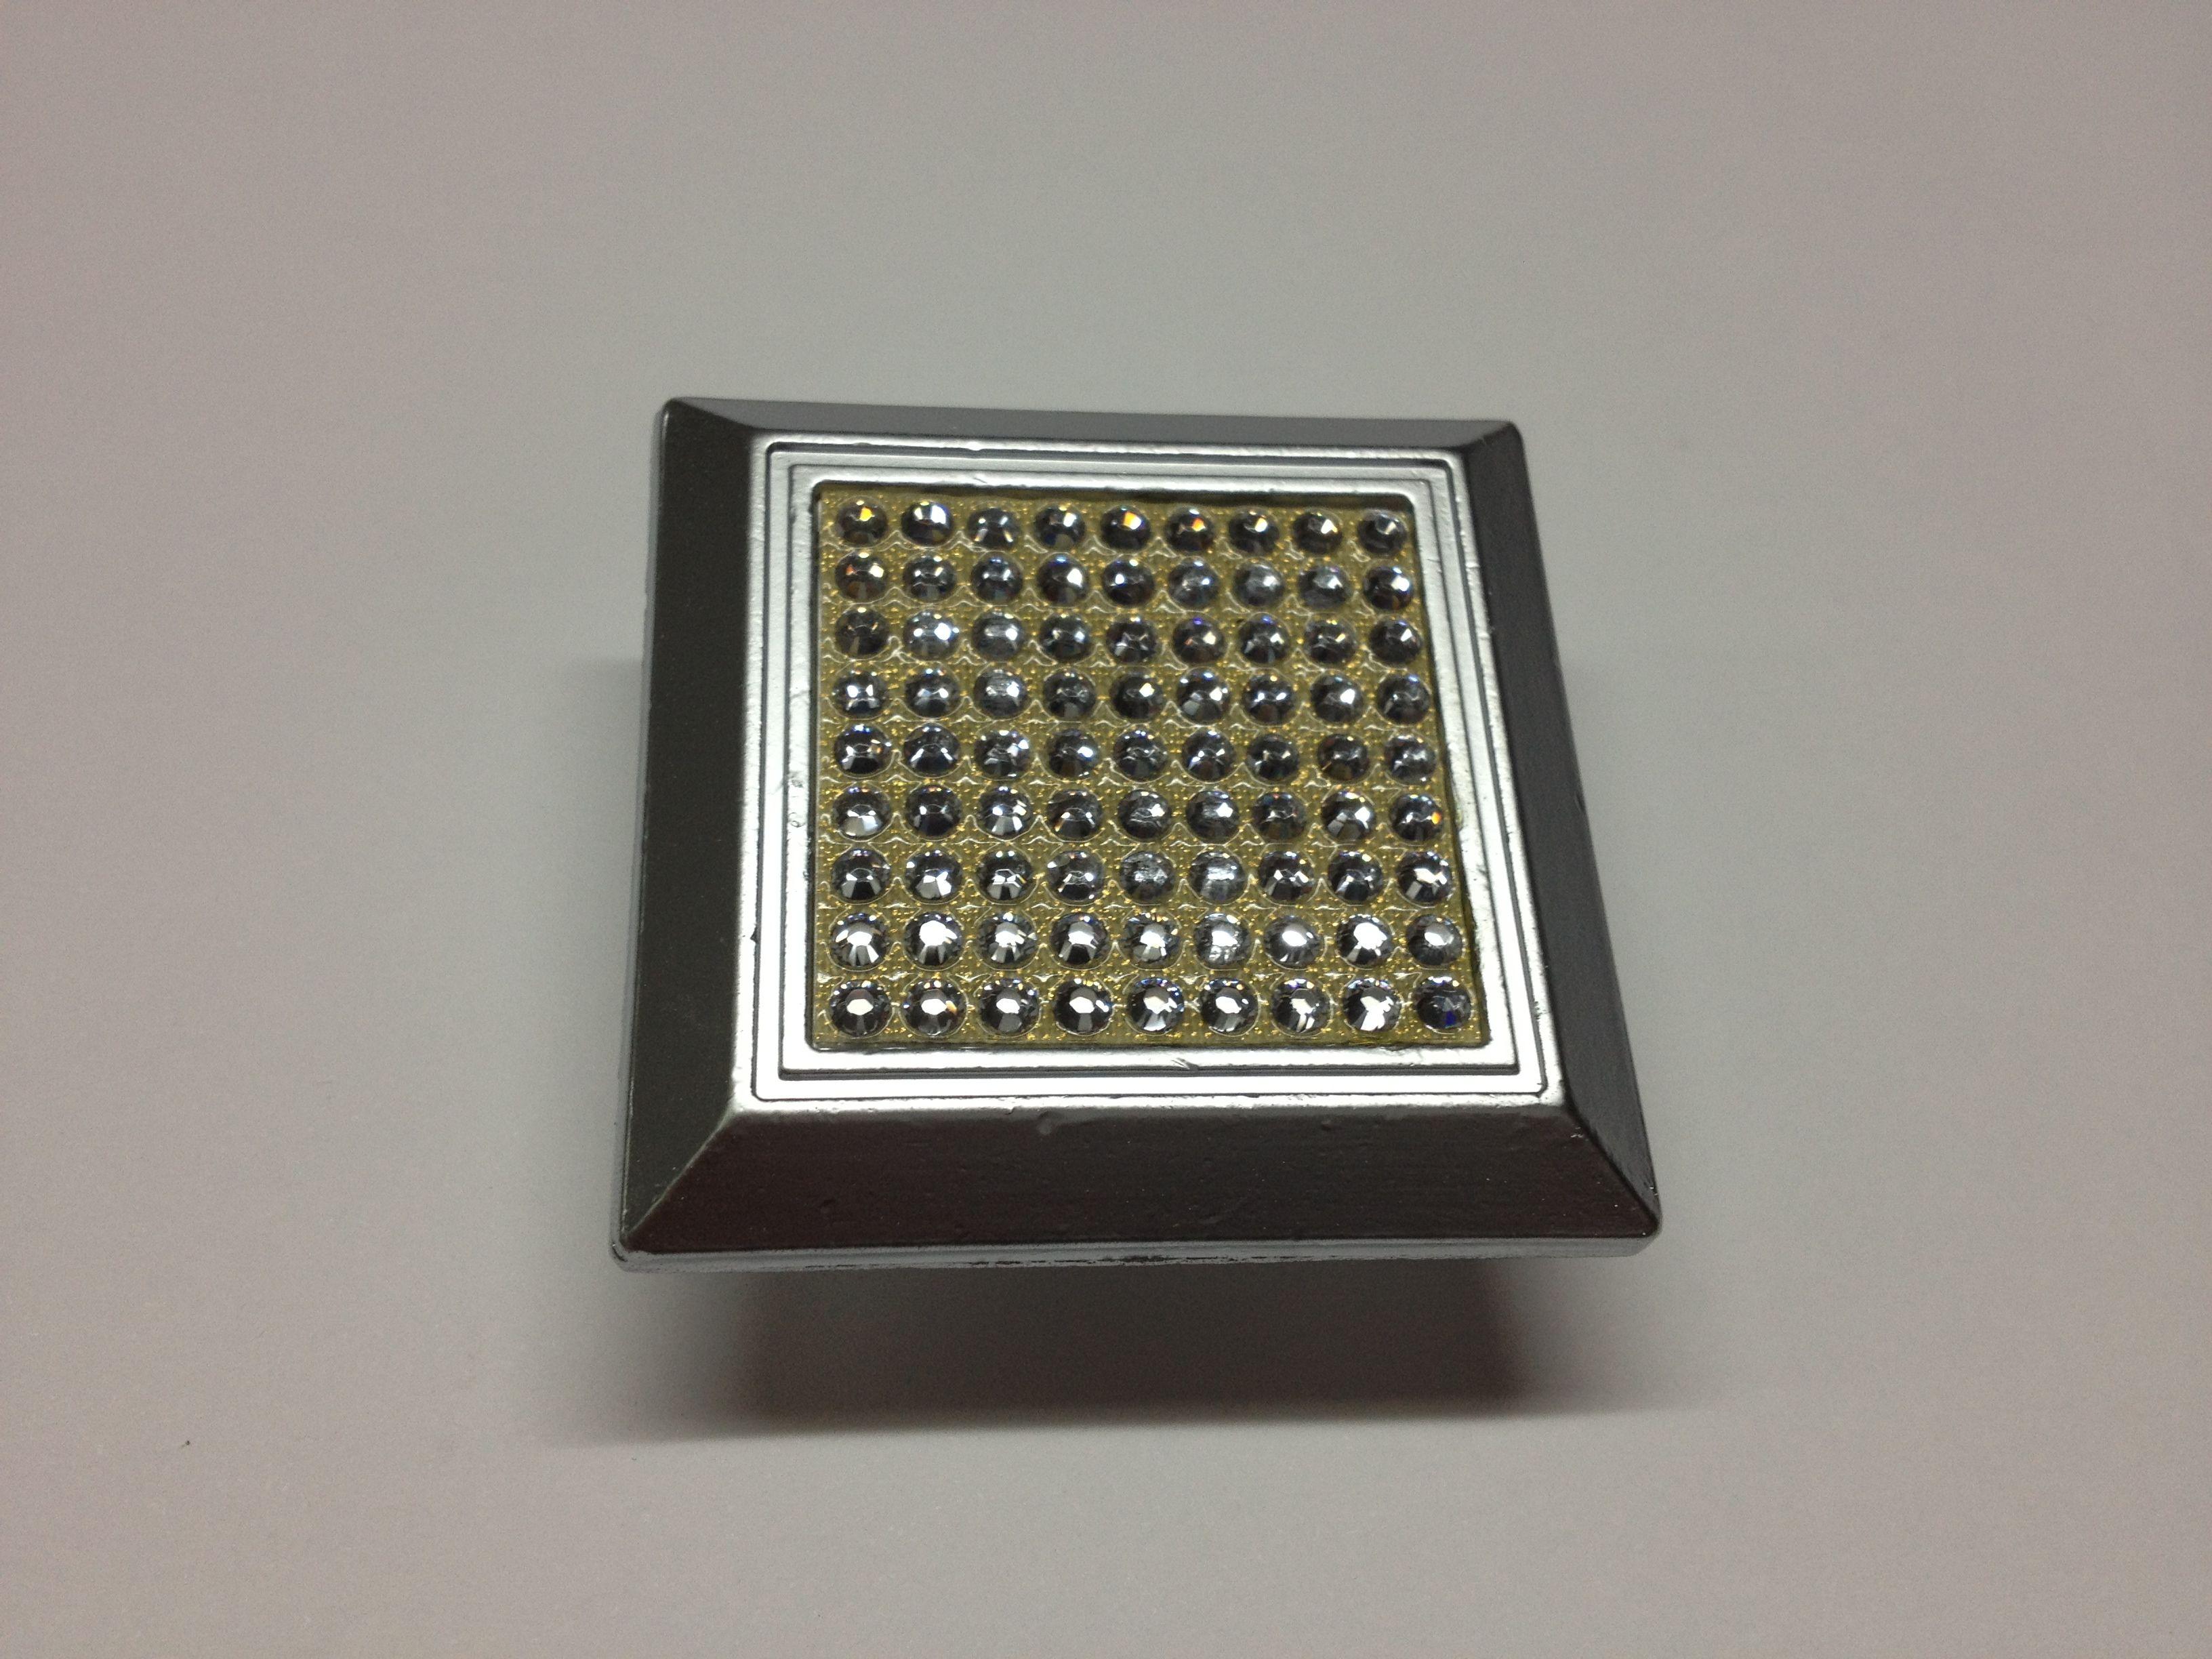 Pomo tirador con cristal de swarovski: Catálogo de Herrajes Franpe